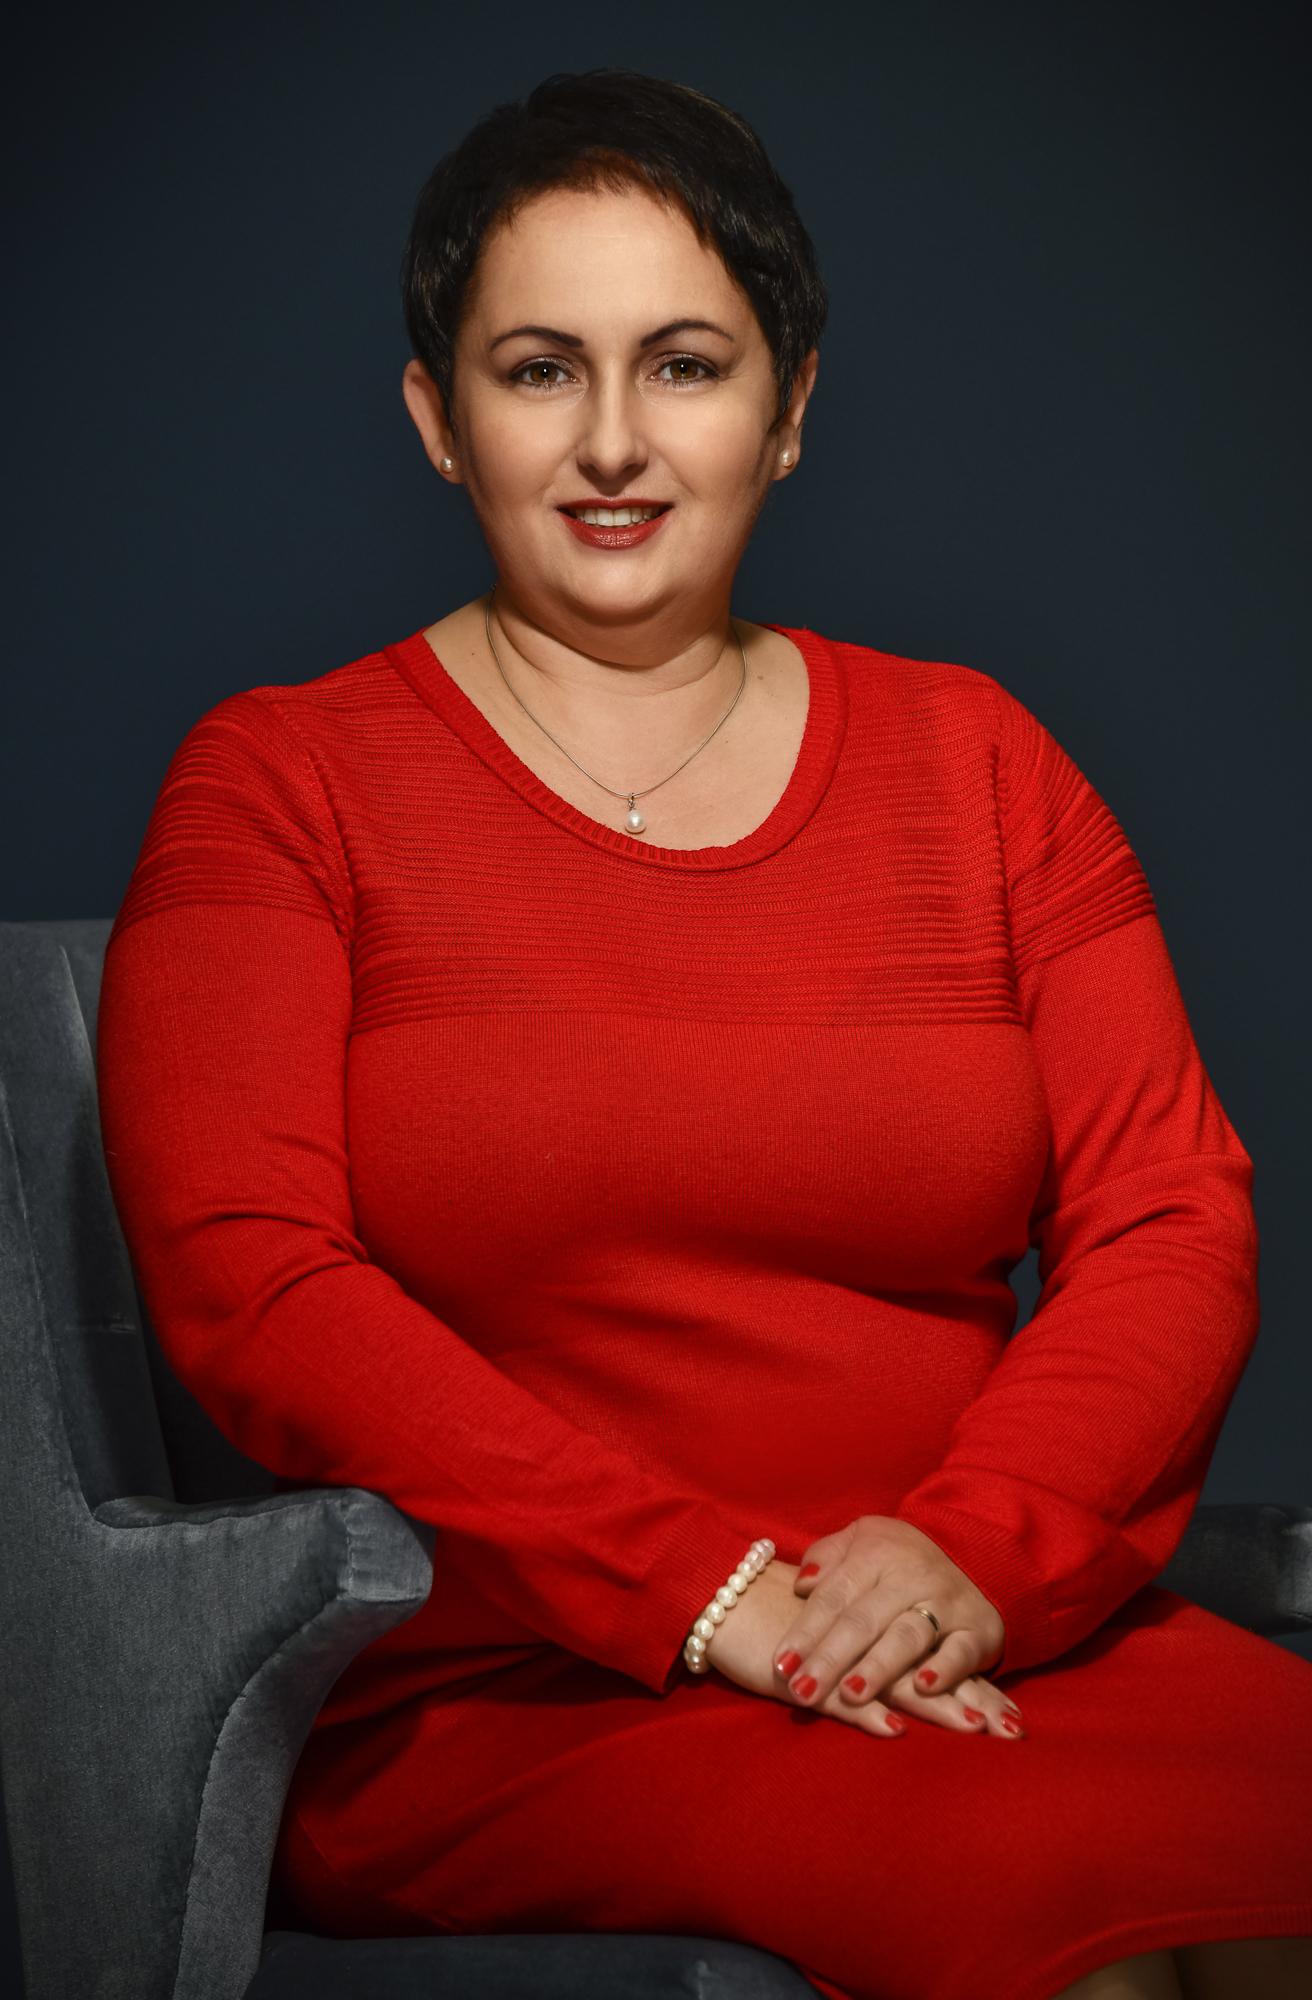 Martina Mádlová